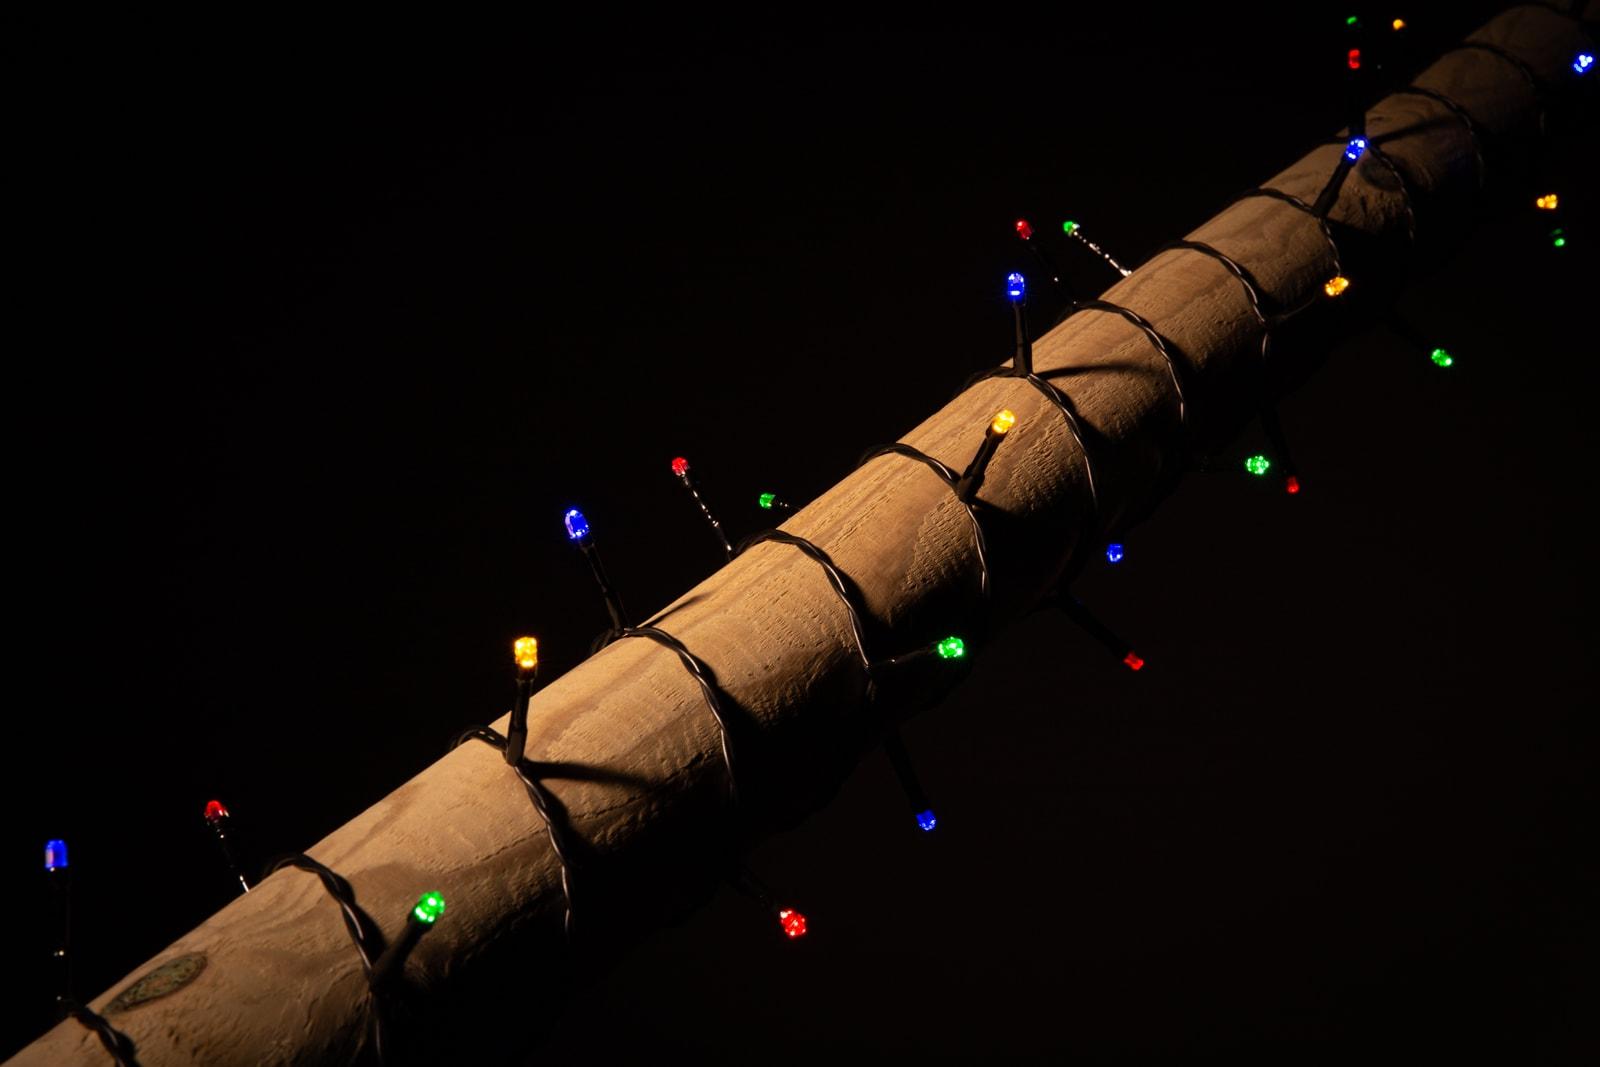 Kerstverlichting op batterijen kopen? » #1 kerstverlichting online shop